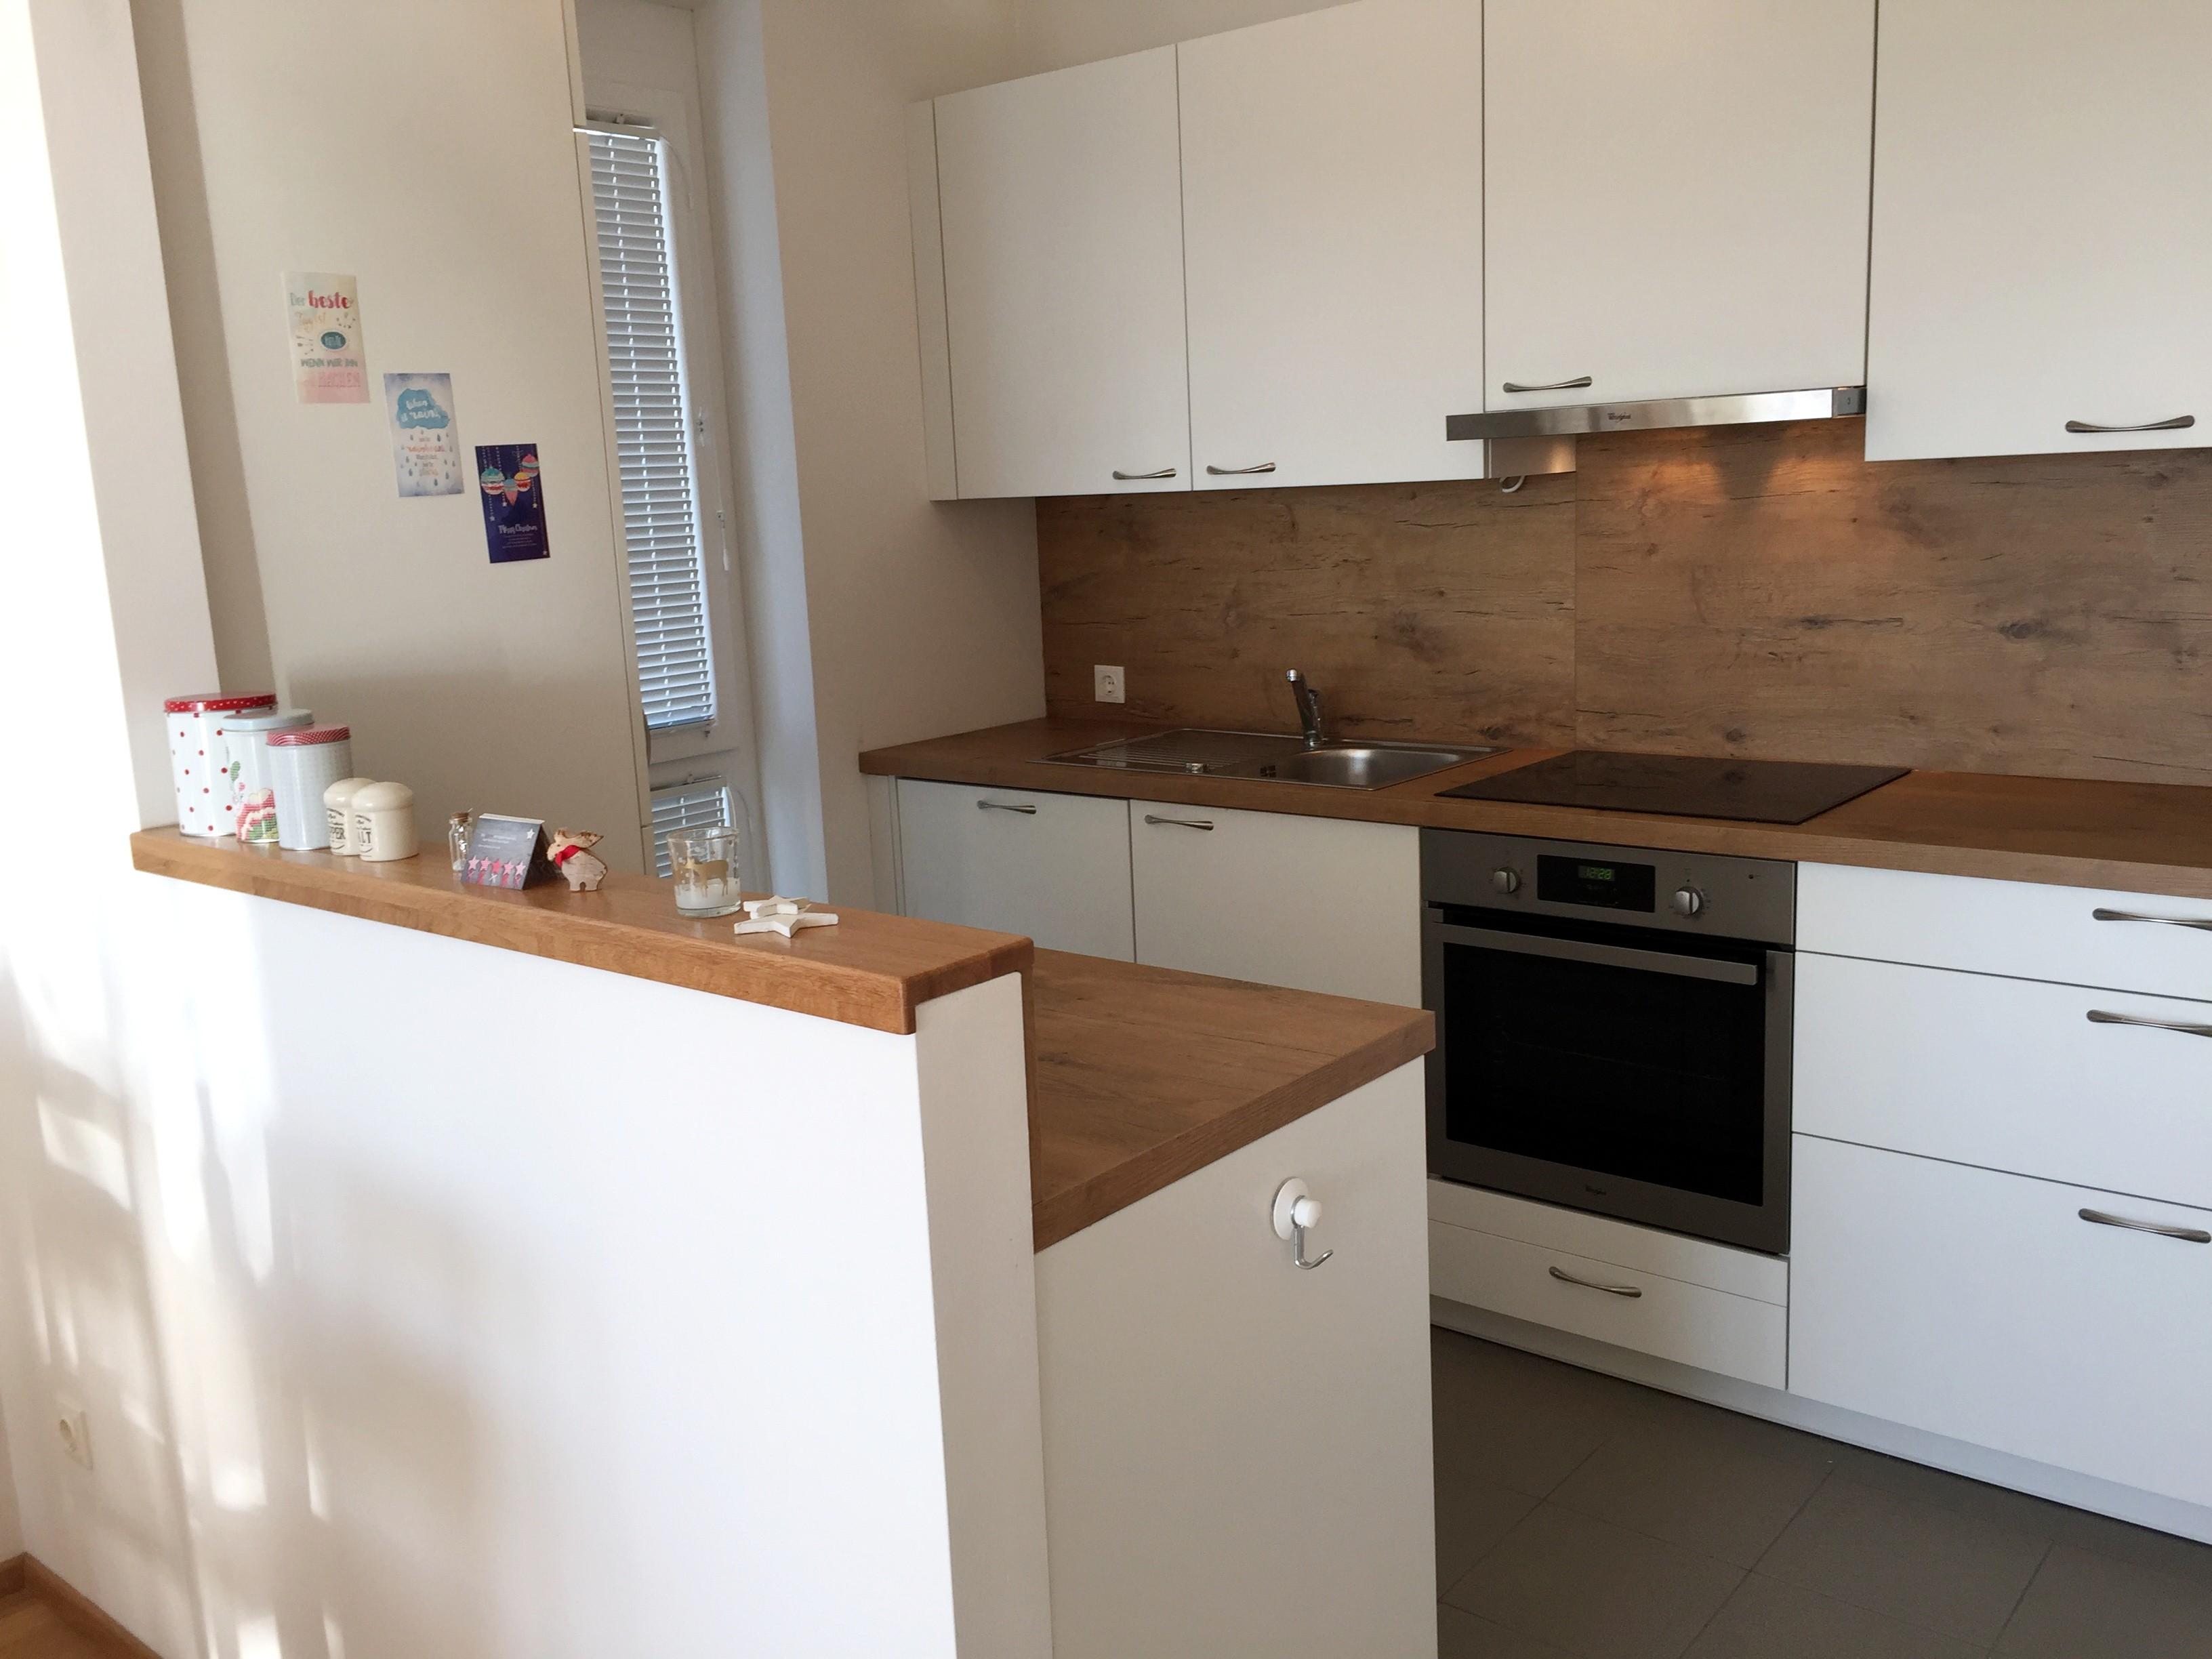 Großartig Küstennebel Küchenschränke Fotos - Küchen Design Ideen ...